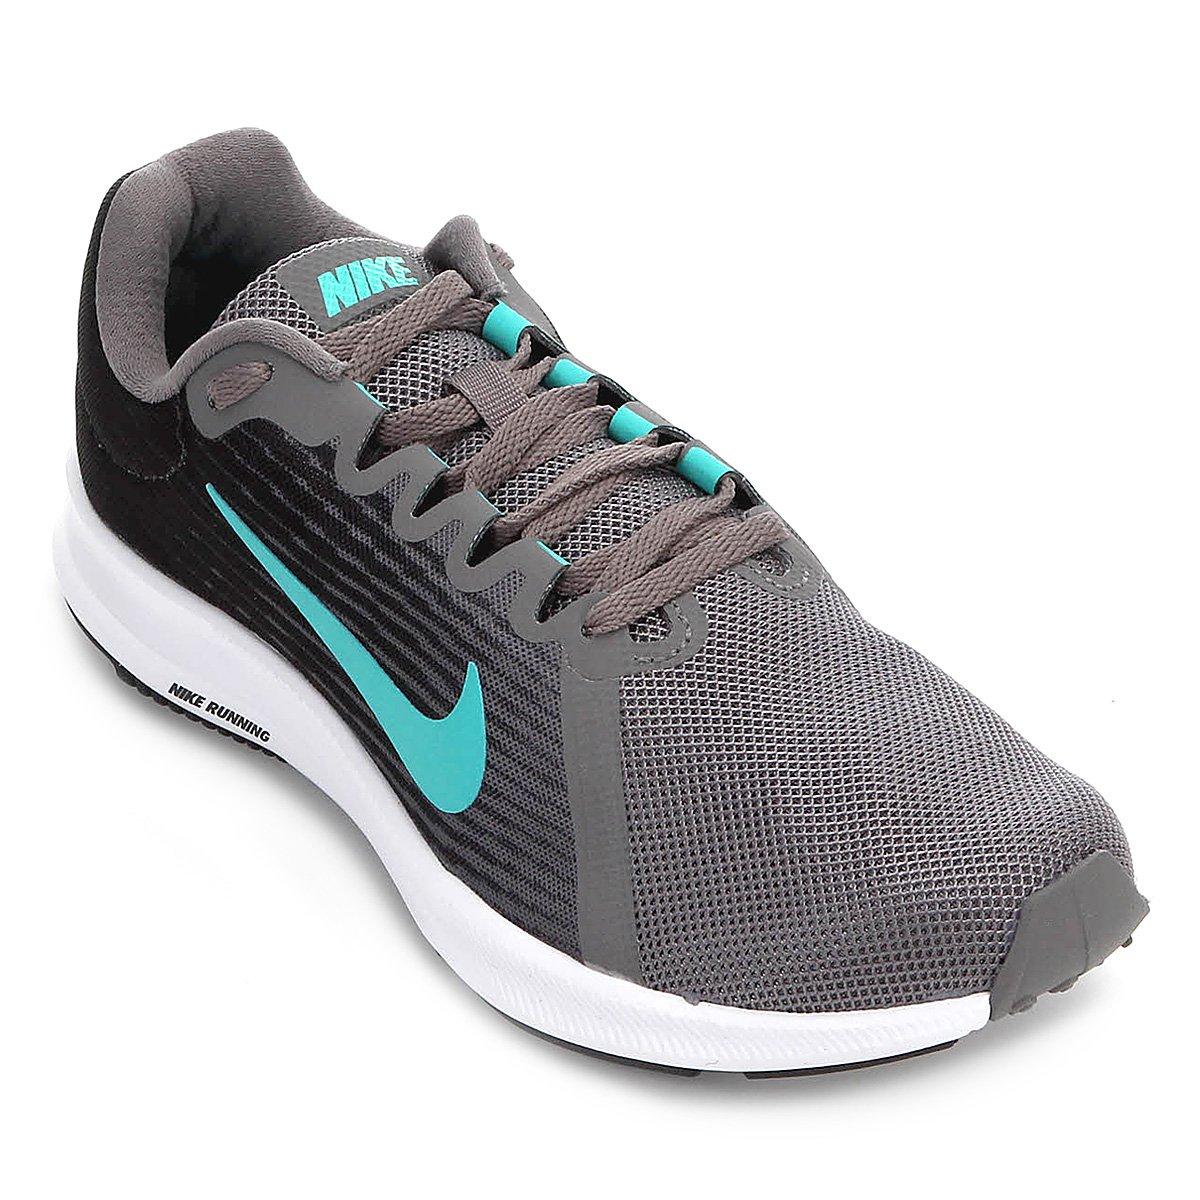 Tênis Nike Wmns Downshifter 8 Feminino - Preto e Cinza - Compre Agora  f38f77d1e3